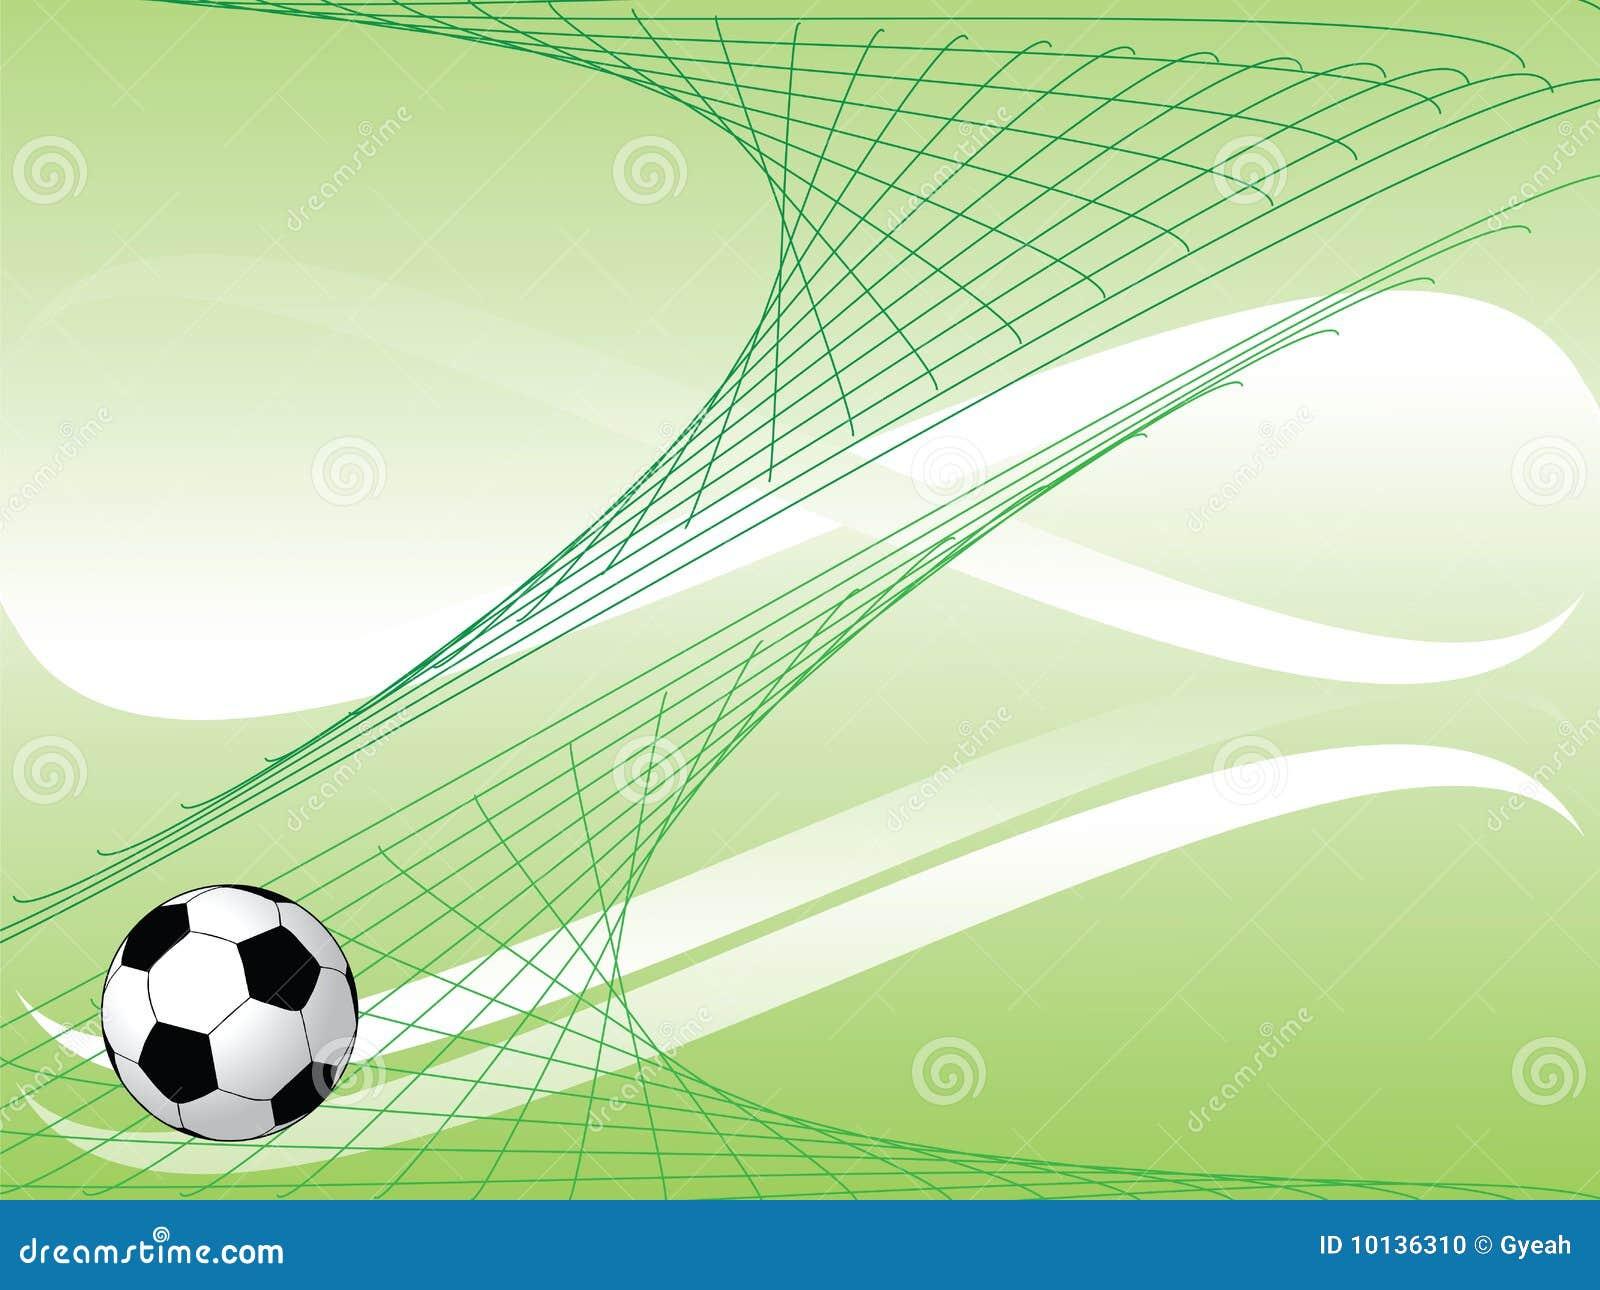 Deportes Pelotas Fondo Grunge: De Achtergrond Van Het Voetbal Stock Foto